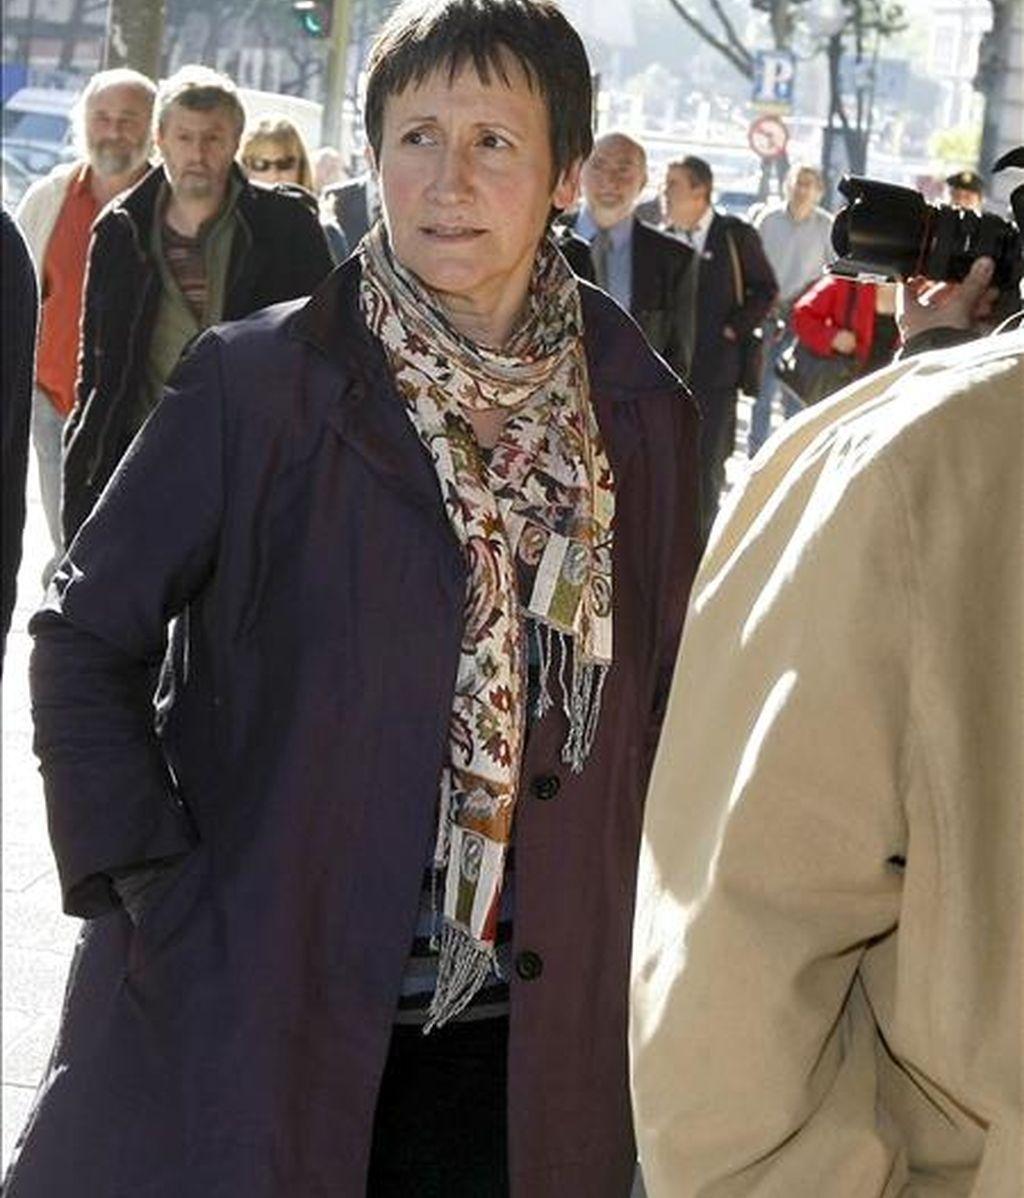 La alcaldesa de Arrasate-Mondragón, Inocencia Galparsoro (ANV), a su llegada a la Audiencia Nacional donde el juez Baltasar Garzón le ha comunicado su procesamiento por integración en ETA. EFE